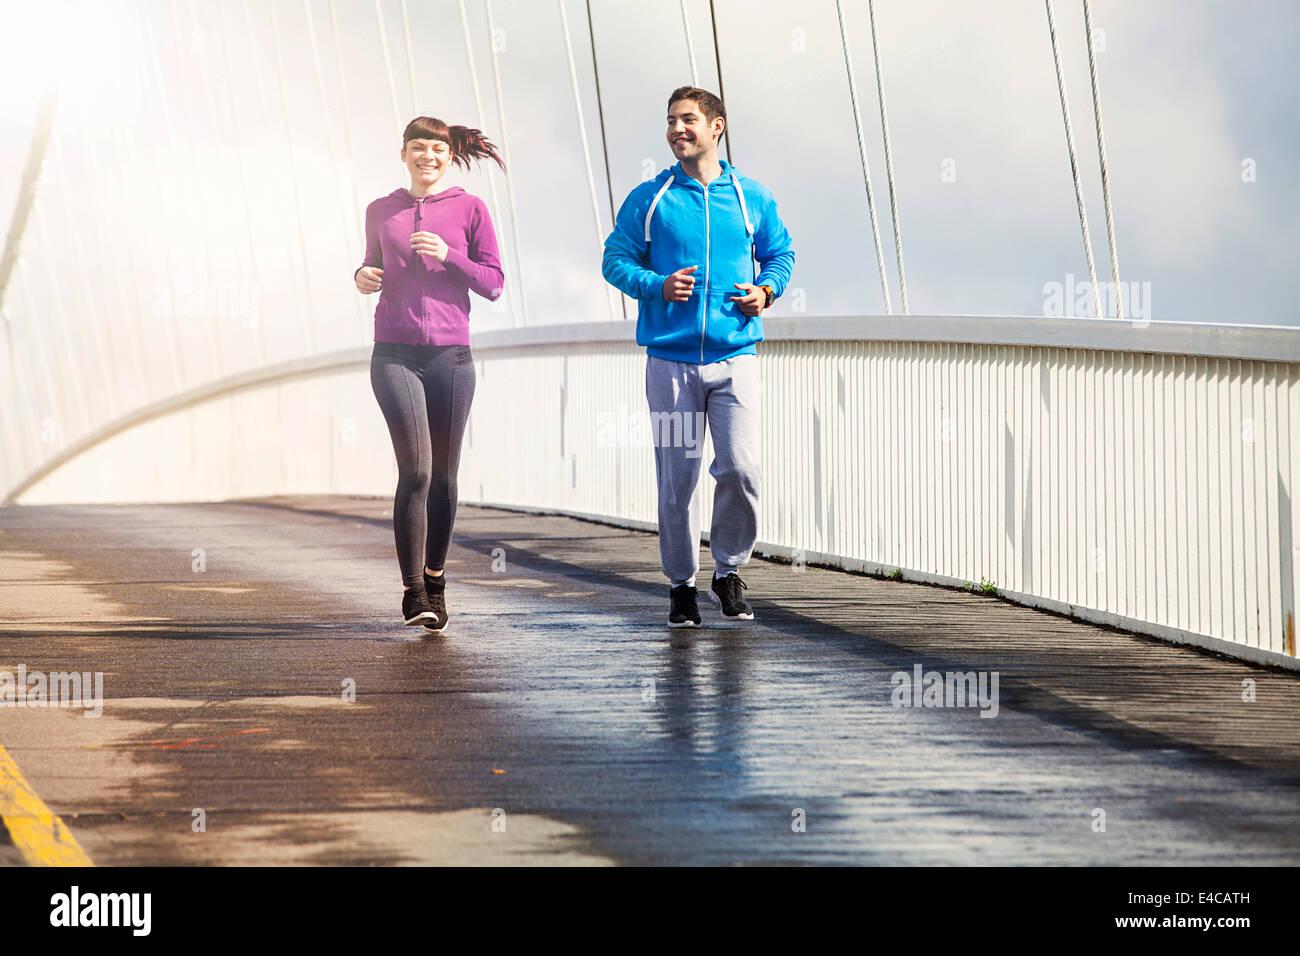 Young couple running on bridge, Osijek, Croatia - Stock Image